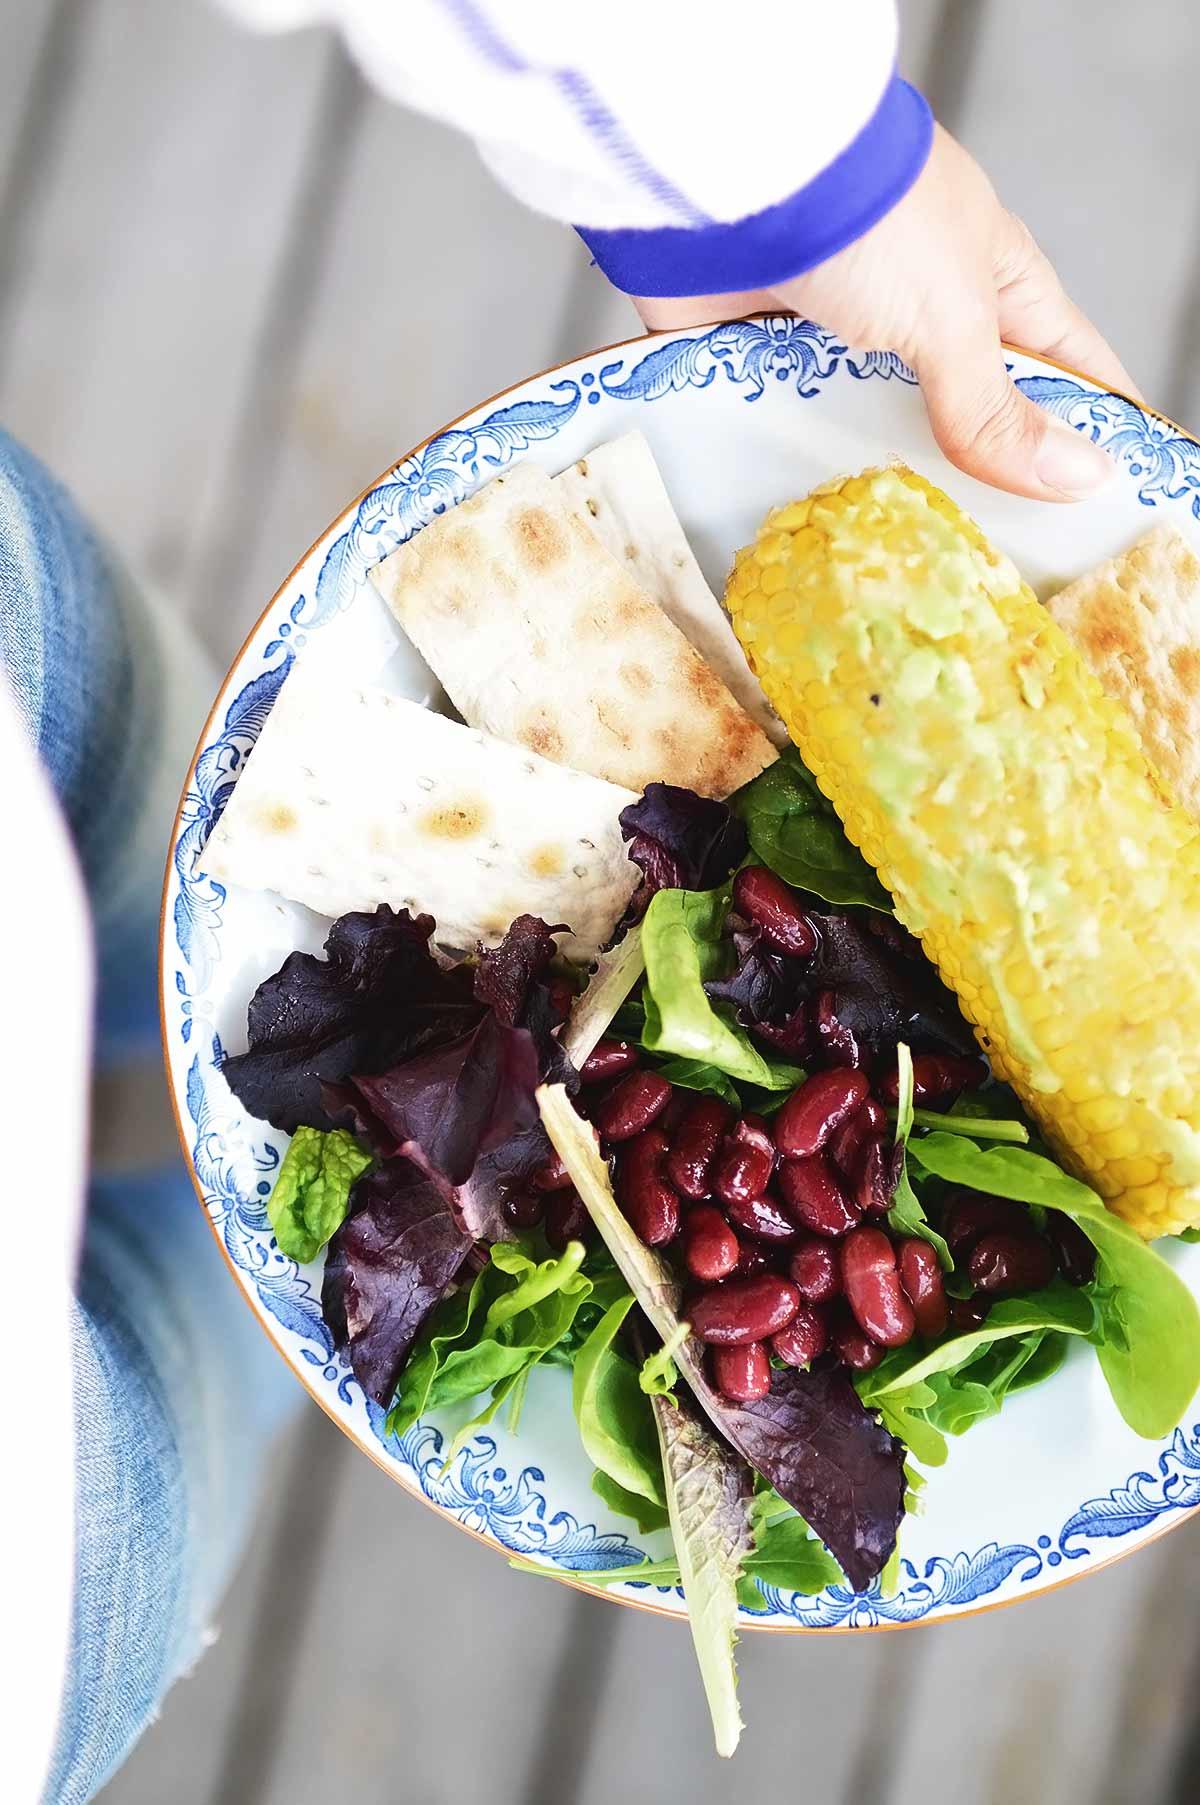 plato con mazorca de maíz, legumbres y ensalada